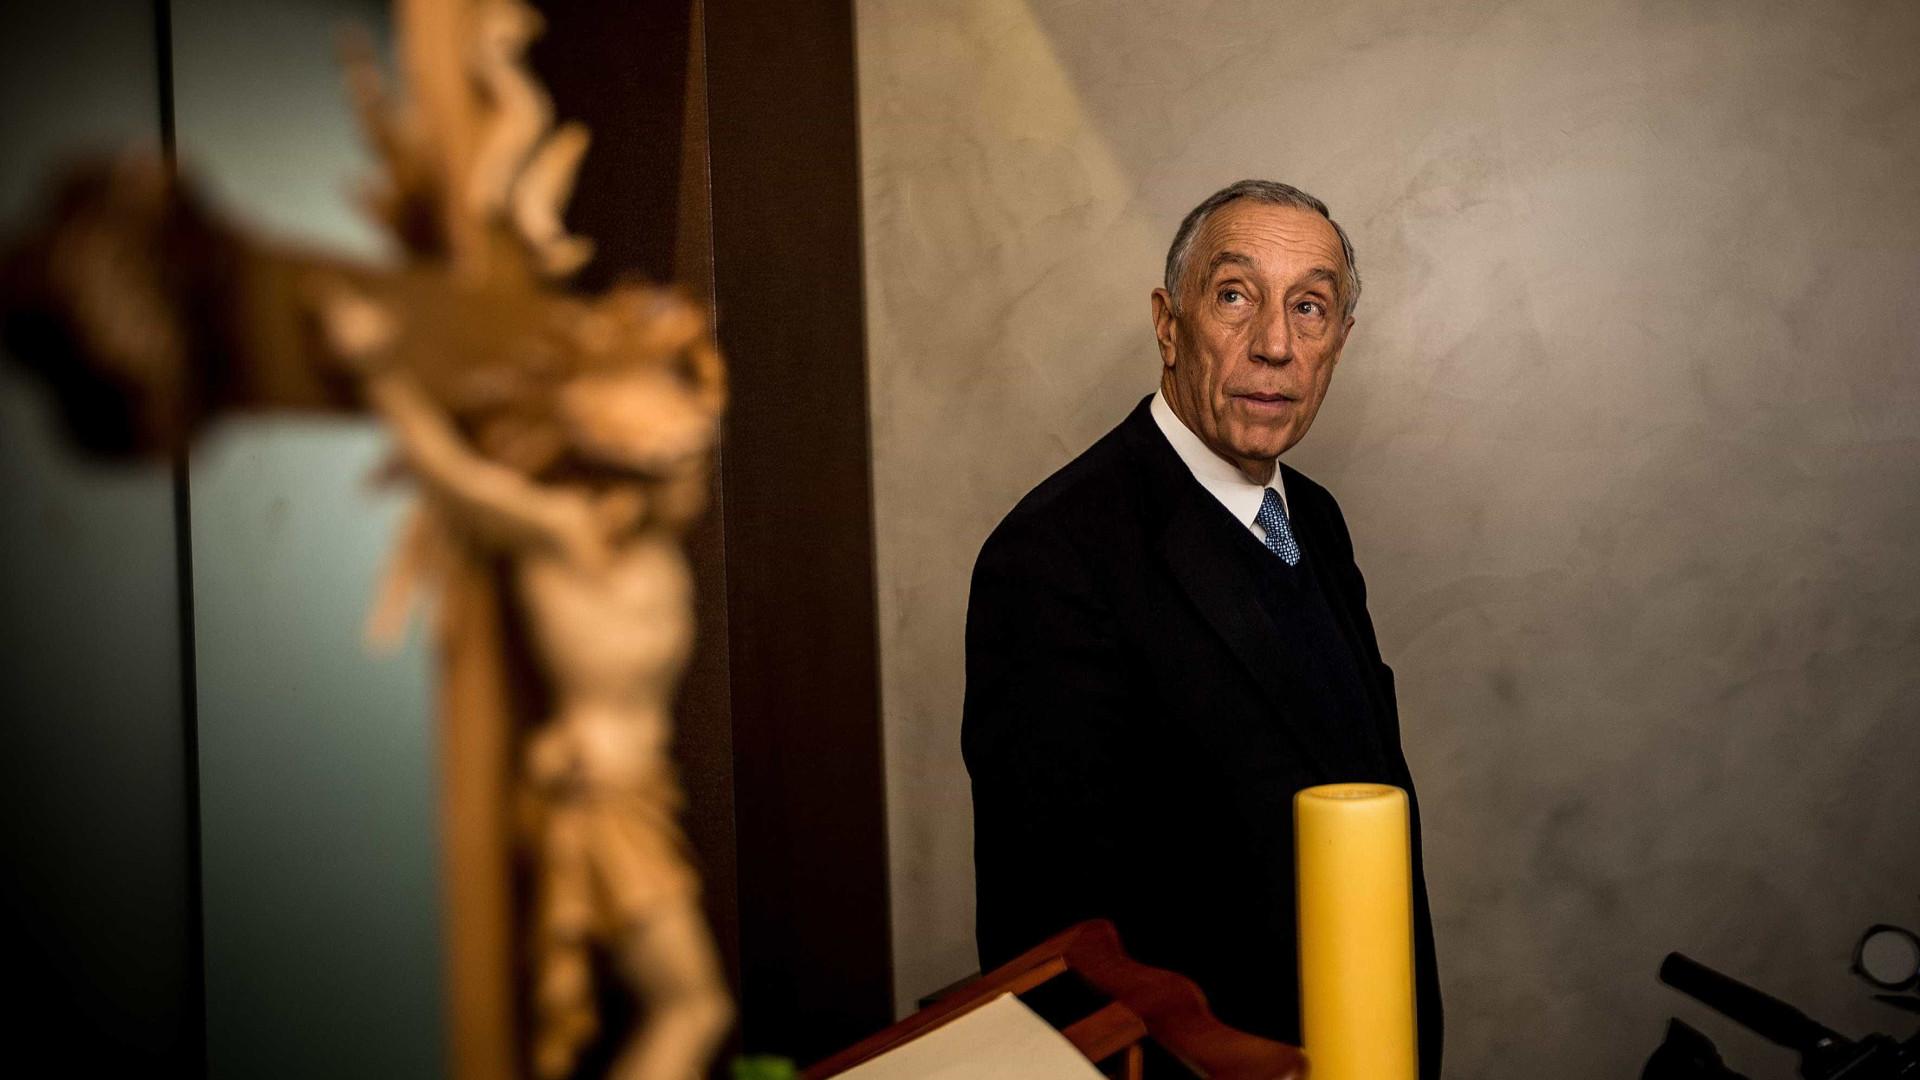 Presidente da República na antestreia de filme de Scorsese em Portugal